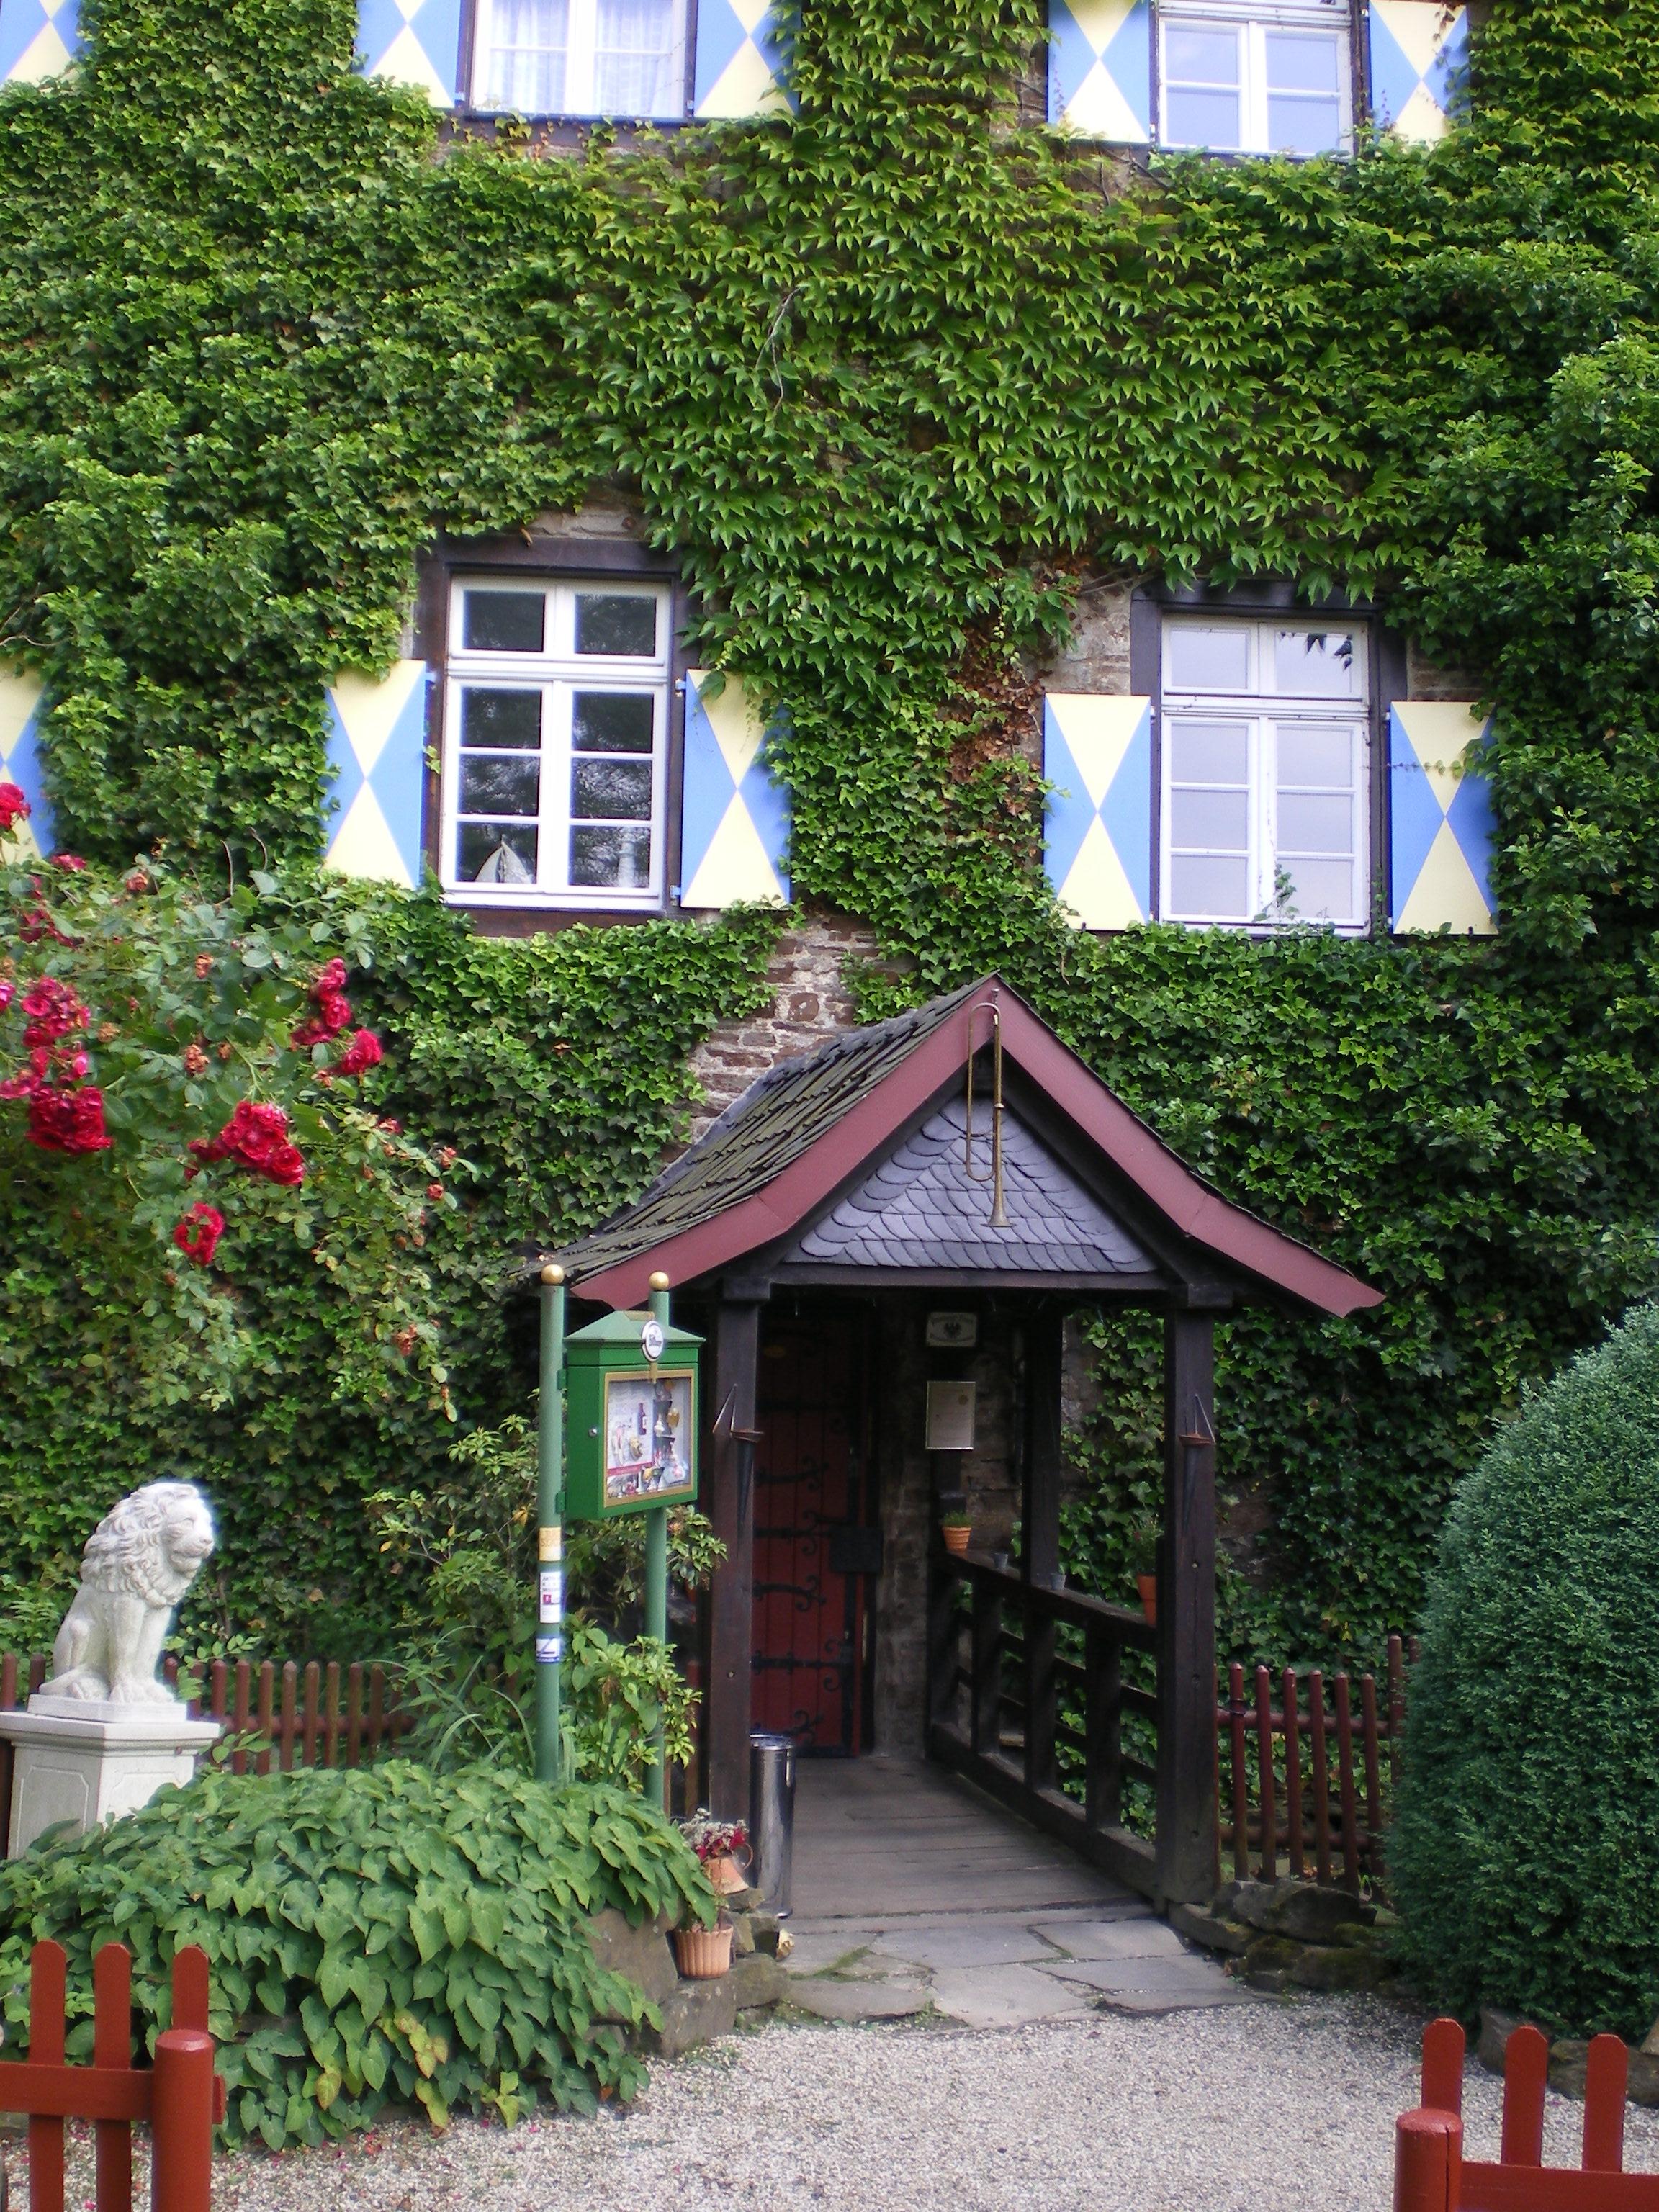 LOISIUM Weinerlebniswelt in Langenlois Absoluter Höhepunkt in Langenlois ist die LOISIUM Weinerlebniswelt mit ihren bis zu Jahre alten, für Besucher spannend inszenierten Weinkellern.